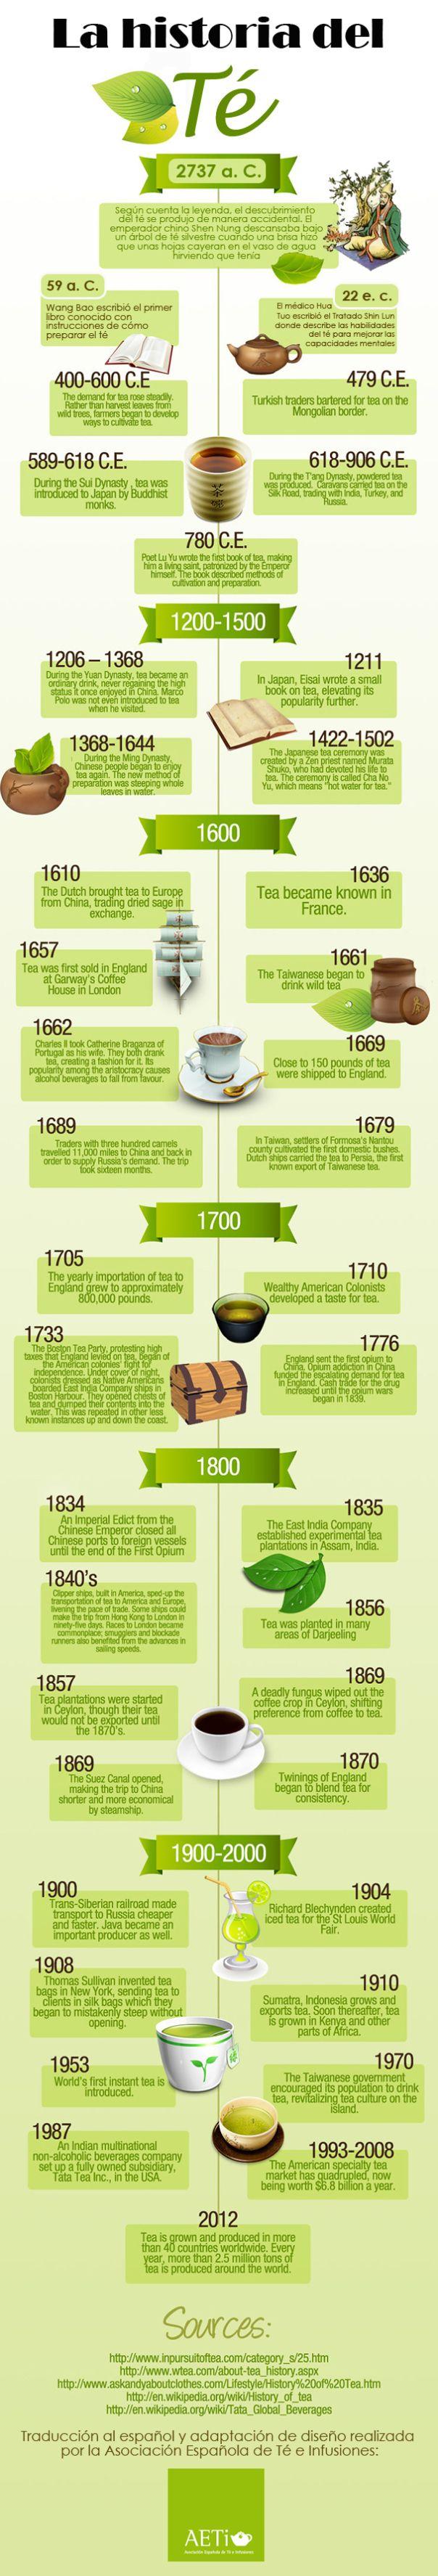 La historia del té #infografia